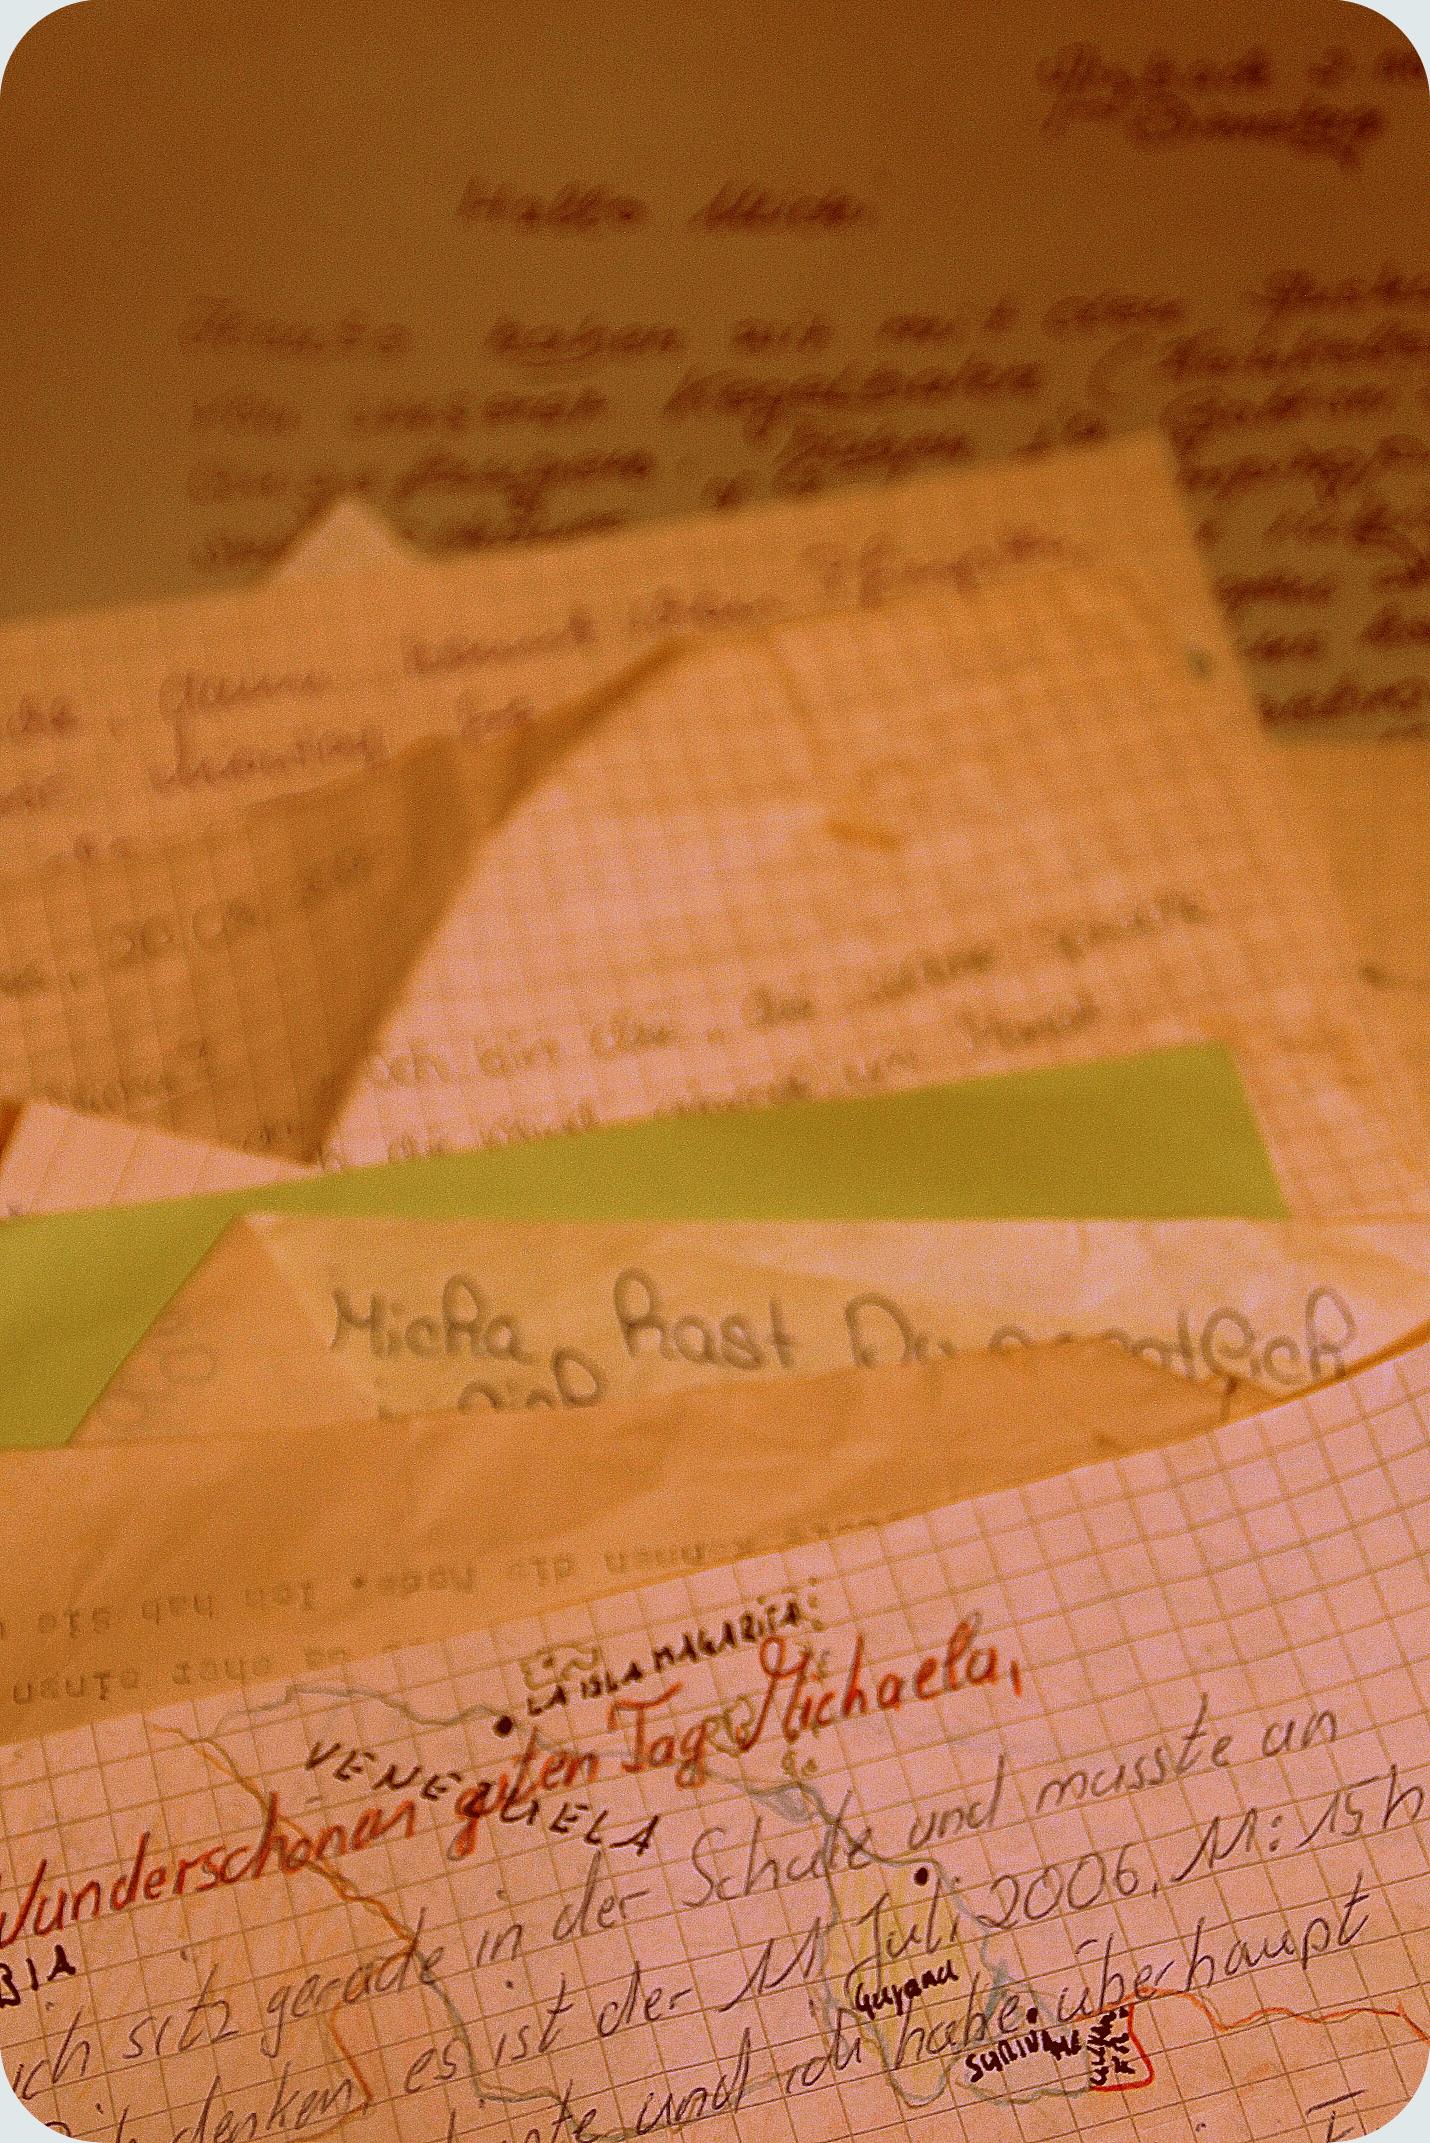 Die große Weihnachtspost: Dein Brief aus ganzem Herzen